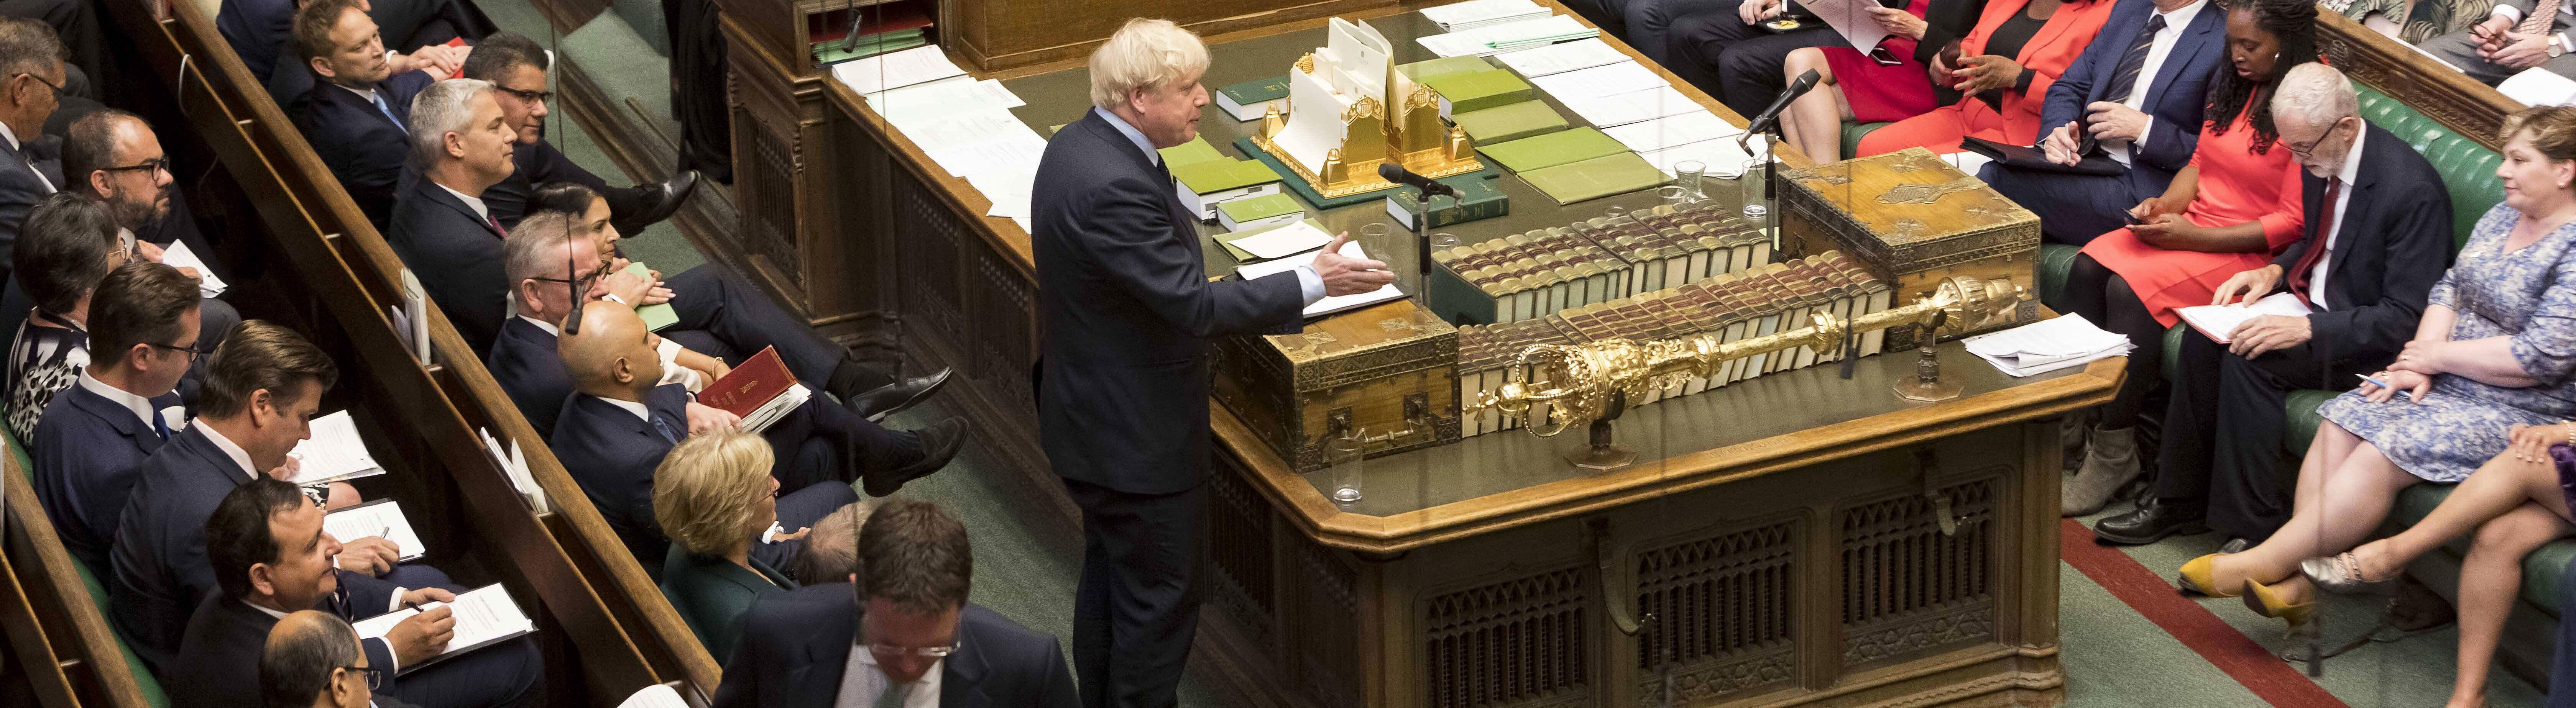 Eine Debatte im Unterhaus am 3. September 2019. Premierminister Boris Johnson spricht.